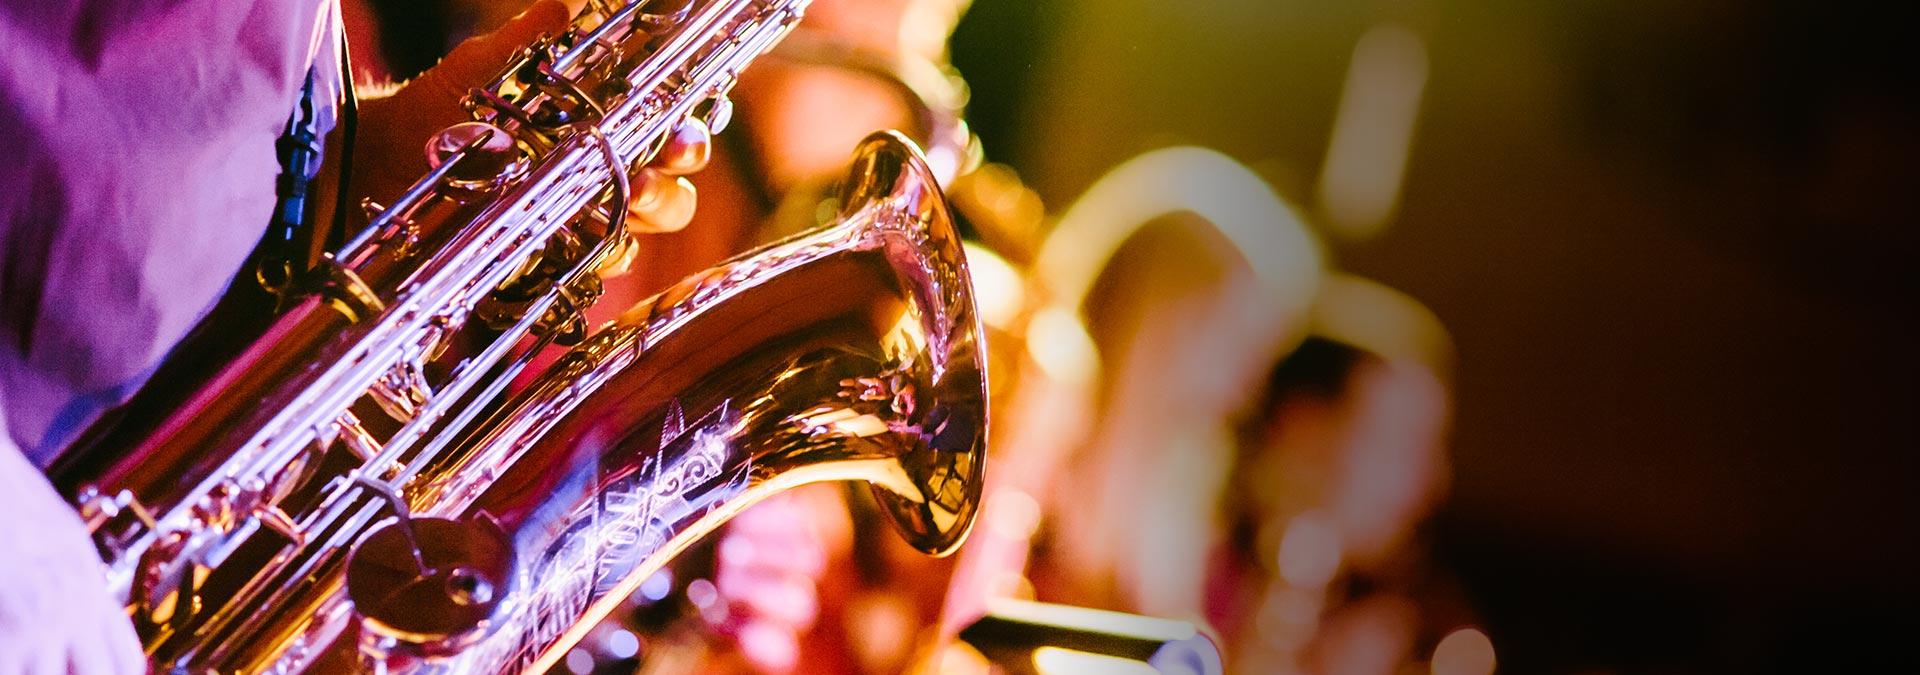 Jazz Ensemble Sheet Music